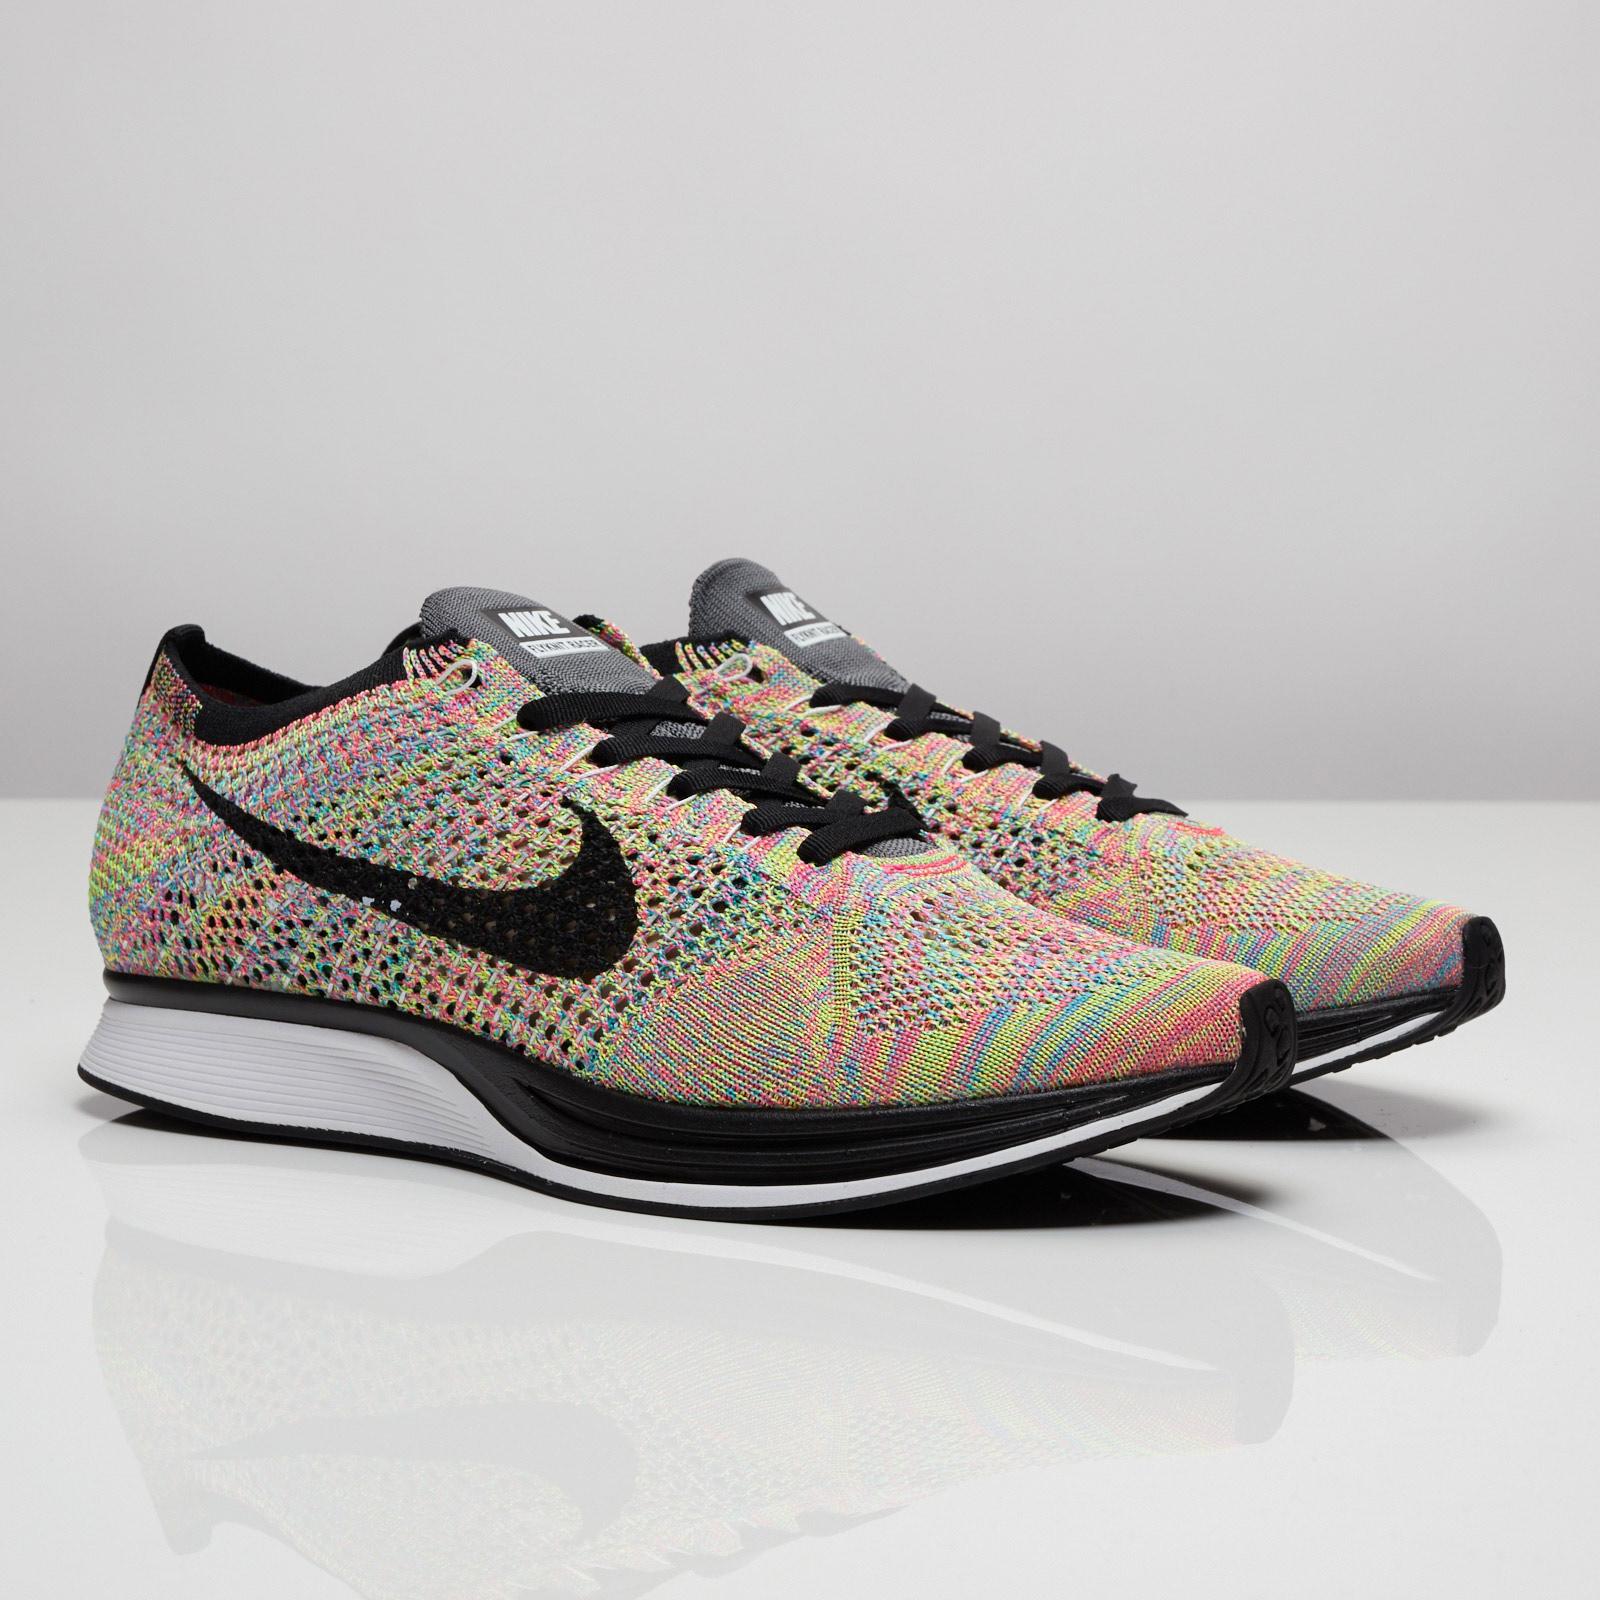 3bb209a879251 Nike Flyknit Racer - 526628-004 - Sneakersnstuff